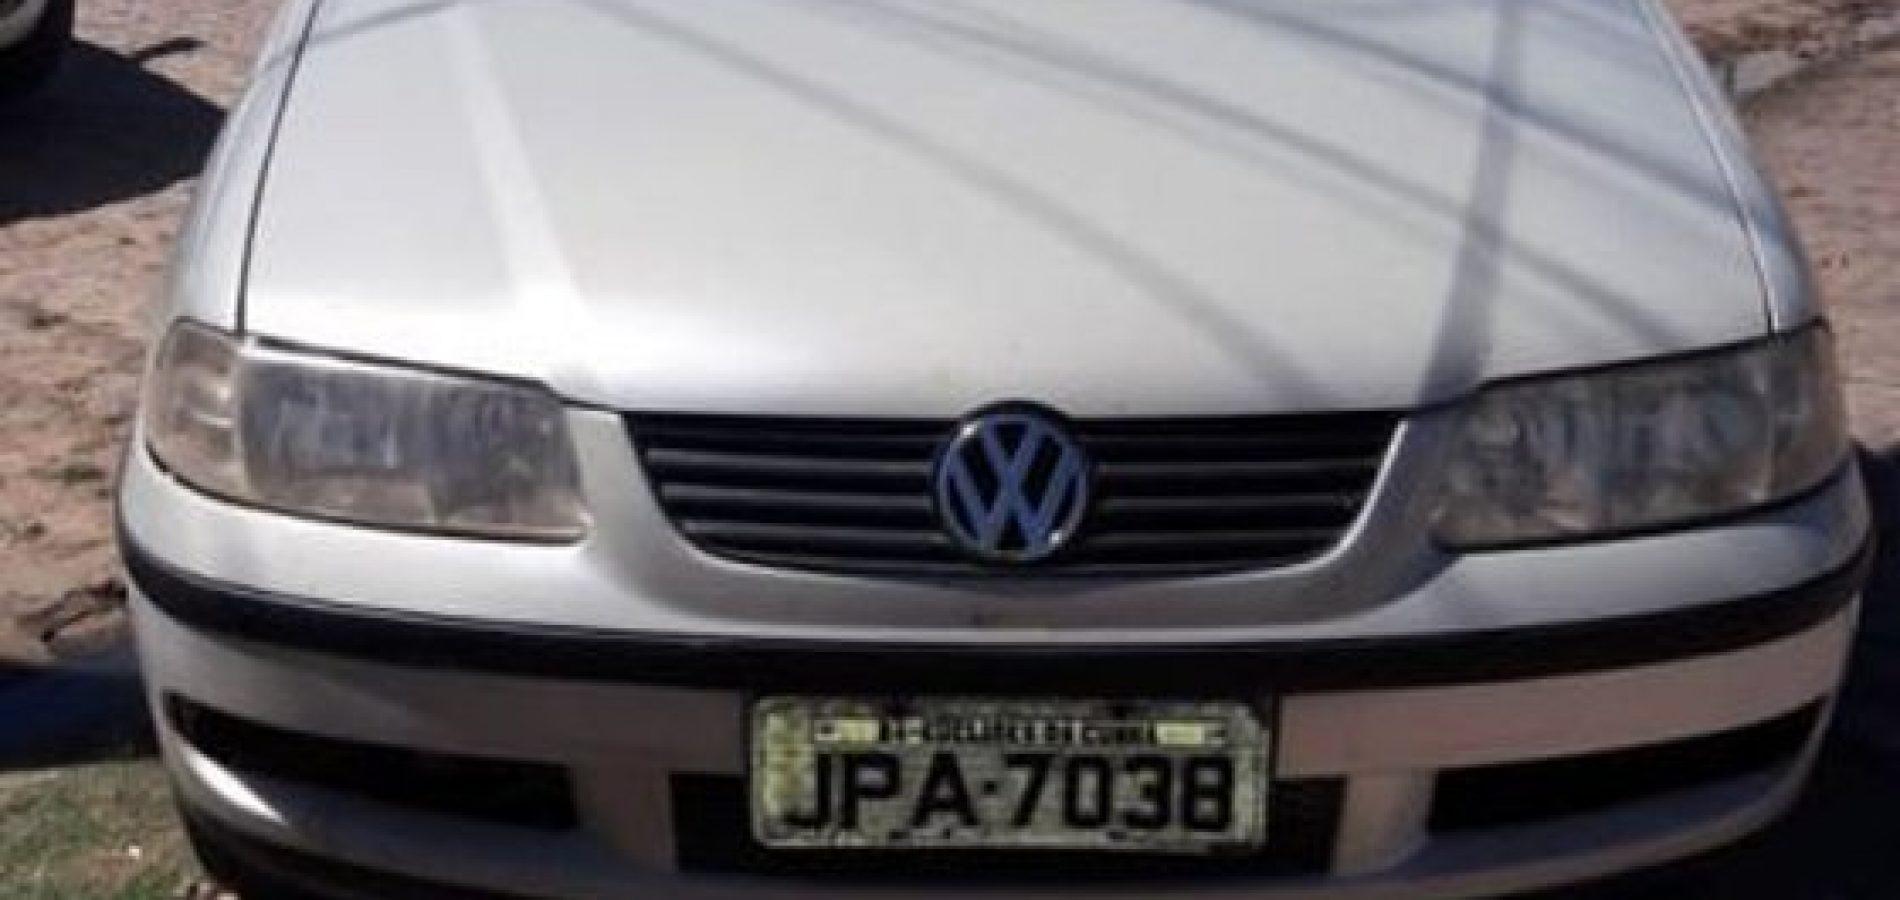 Polícia prende homem em Campo Grande do PI acusado de latrocínio contra taxista na Bahia